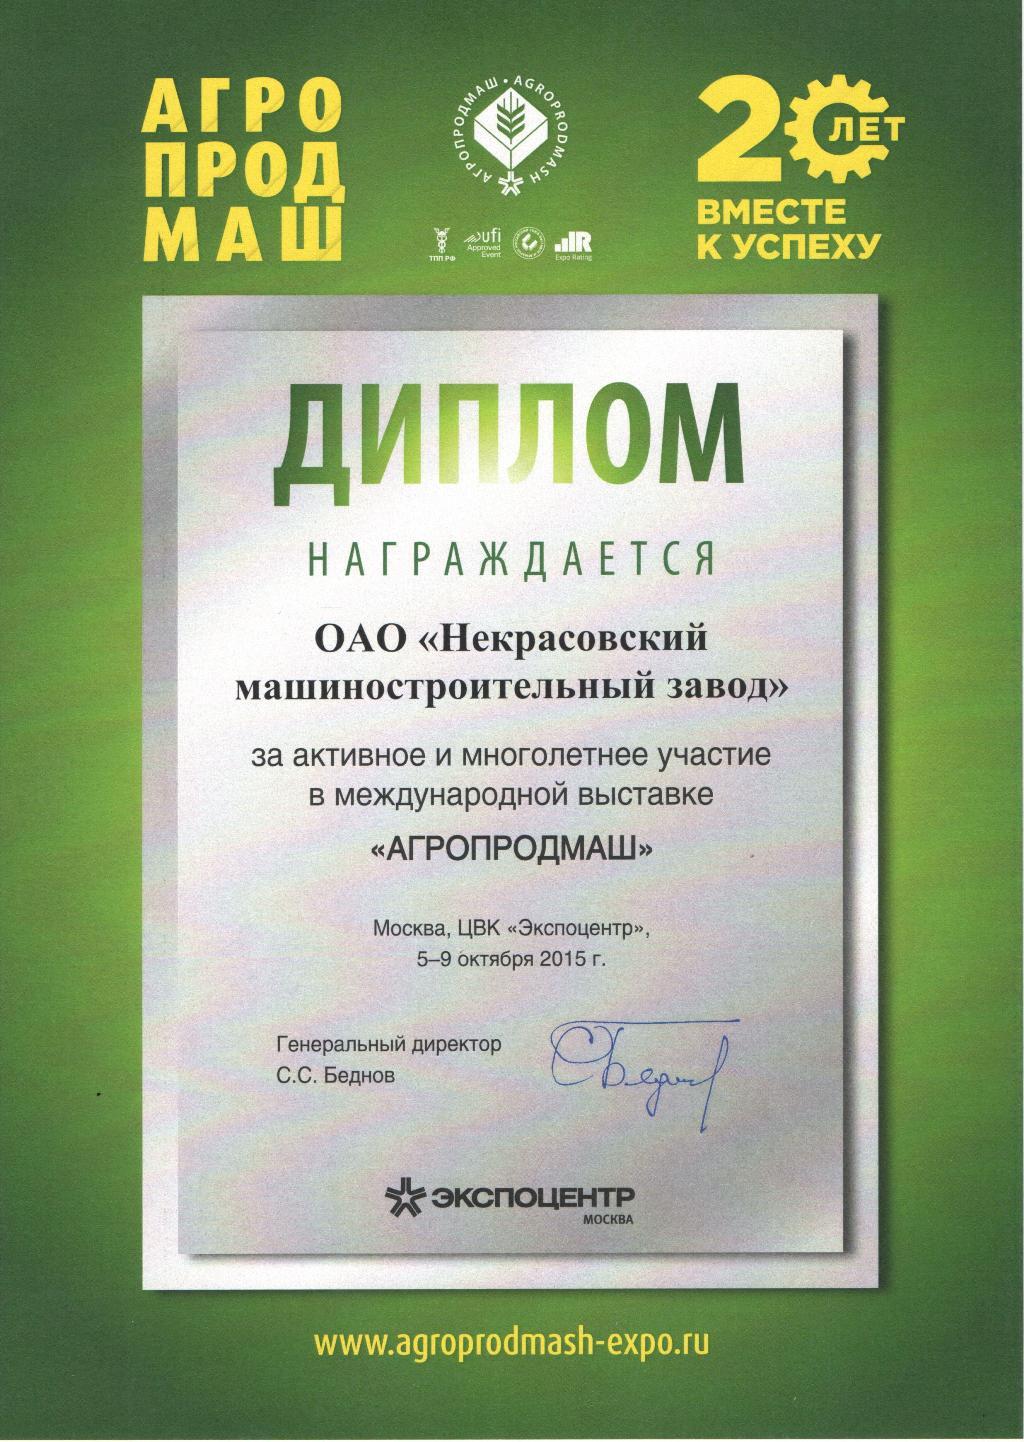 АГРОПРОДМАШ - 2015